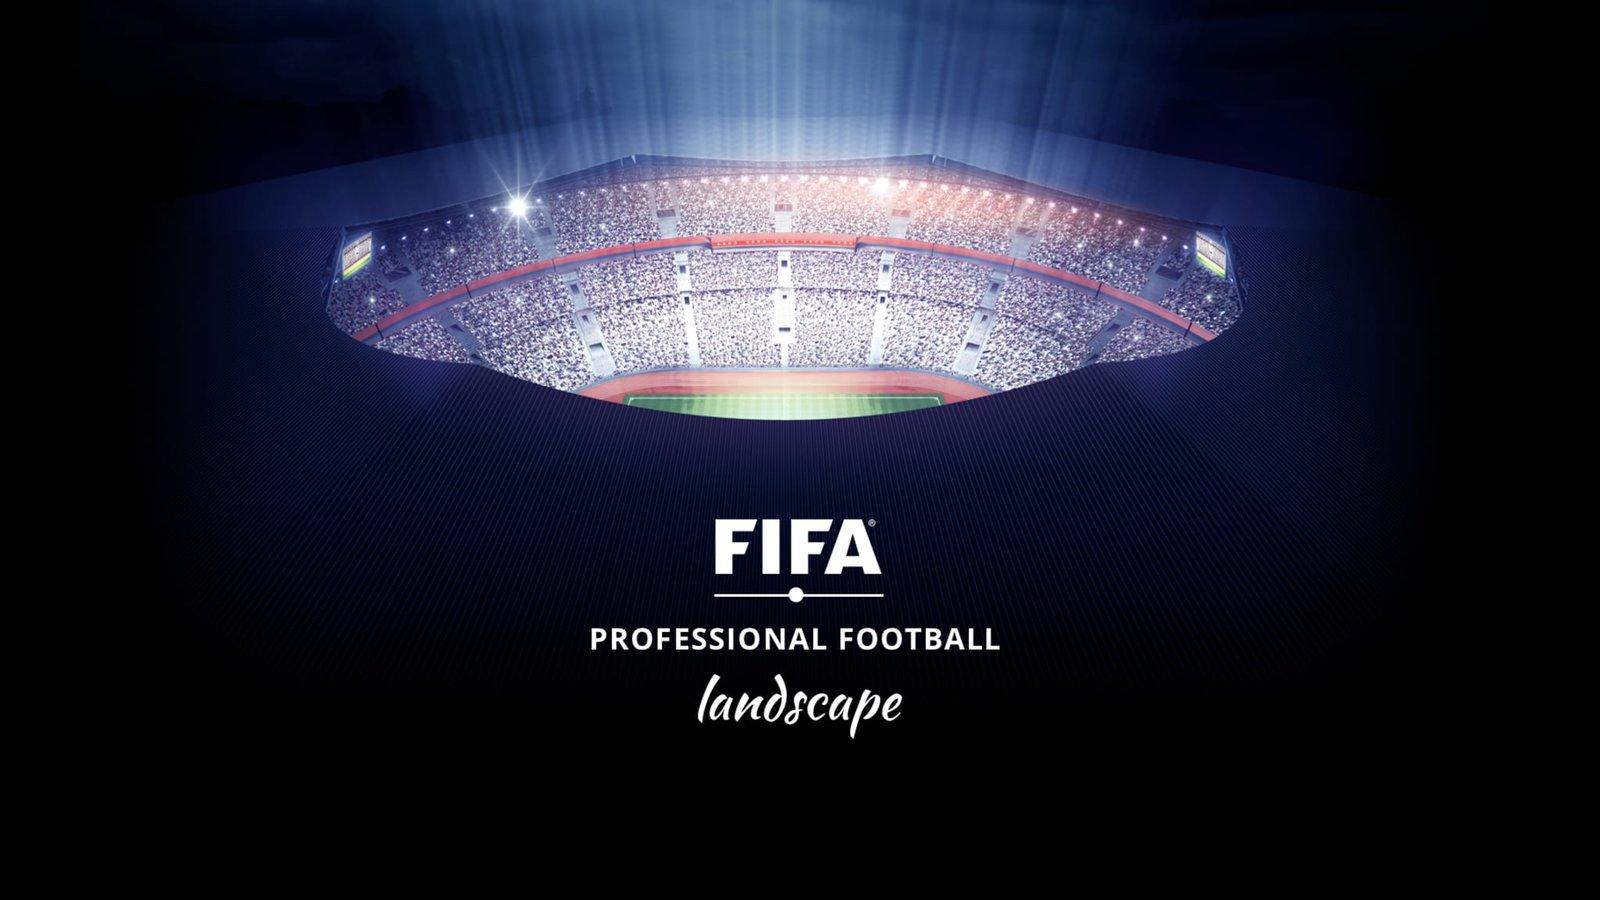 La FIFA lanza base de datos mundial